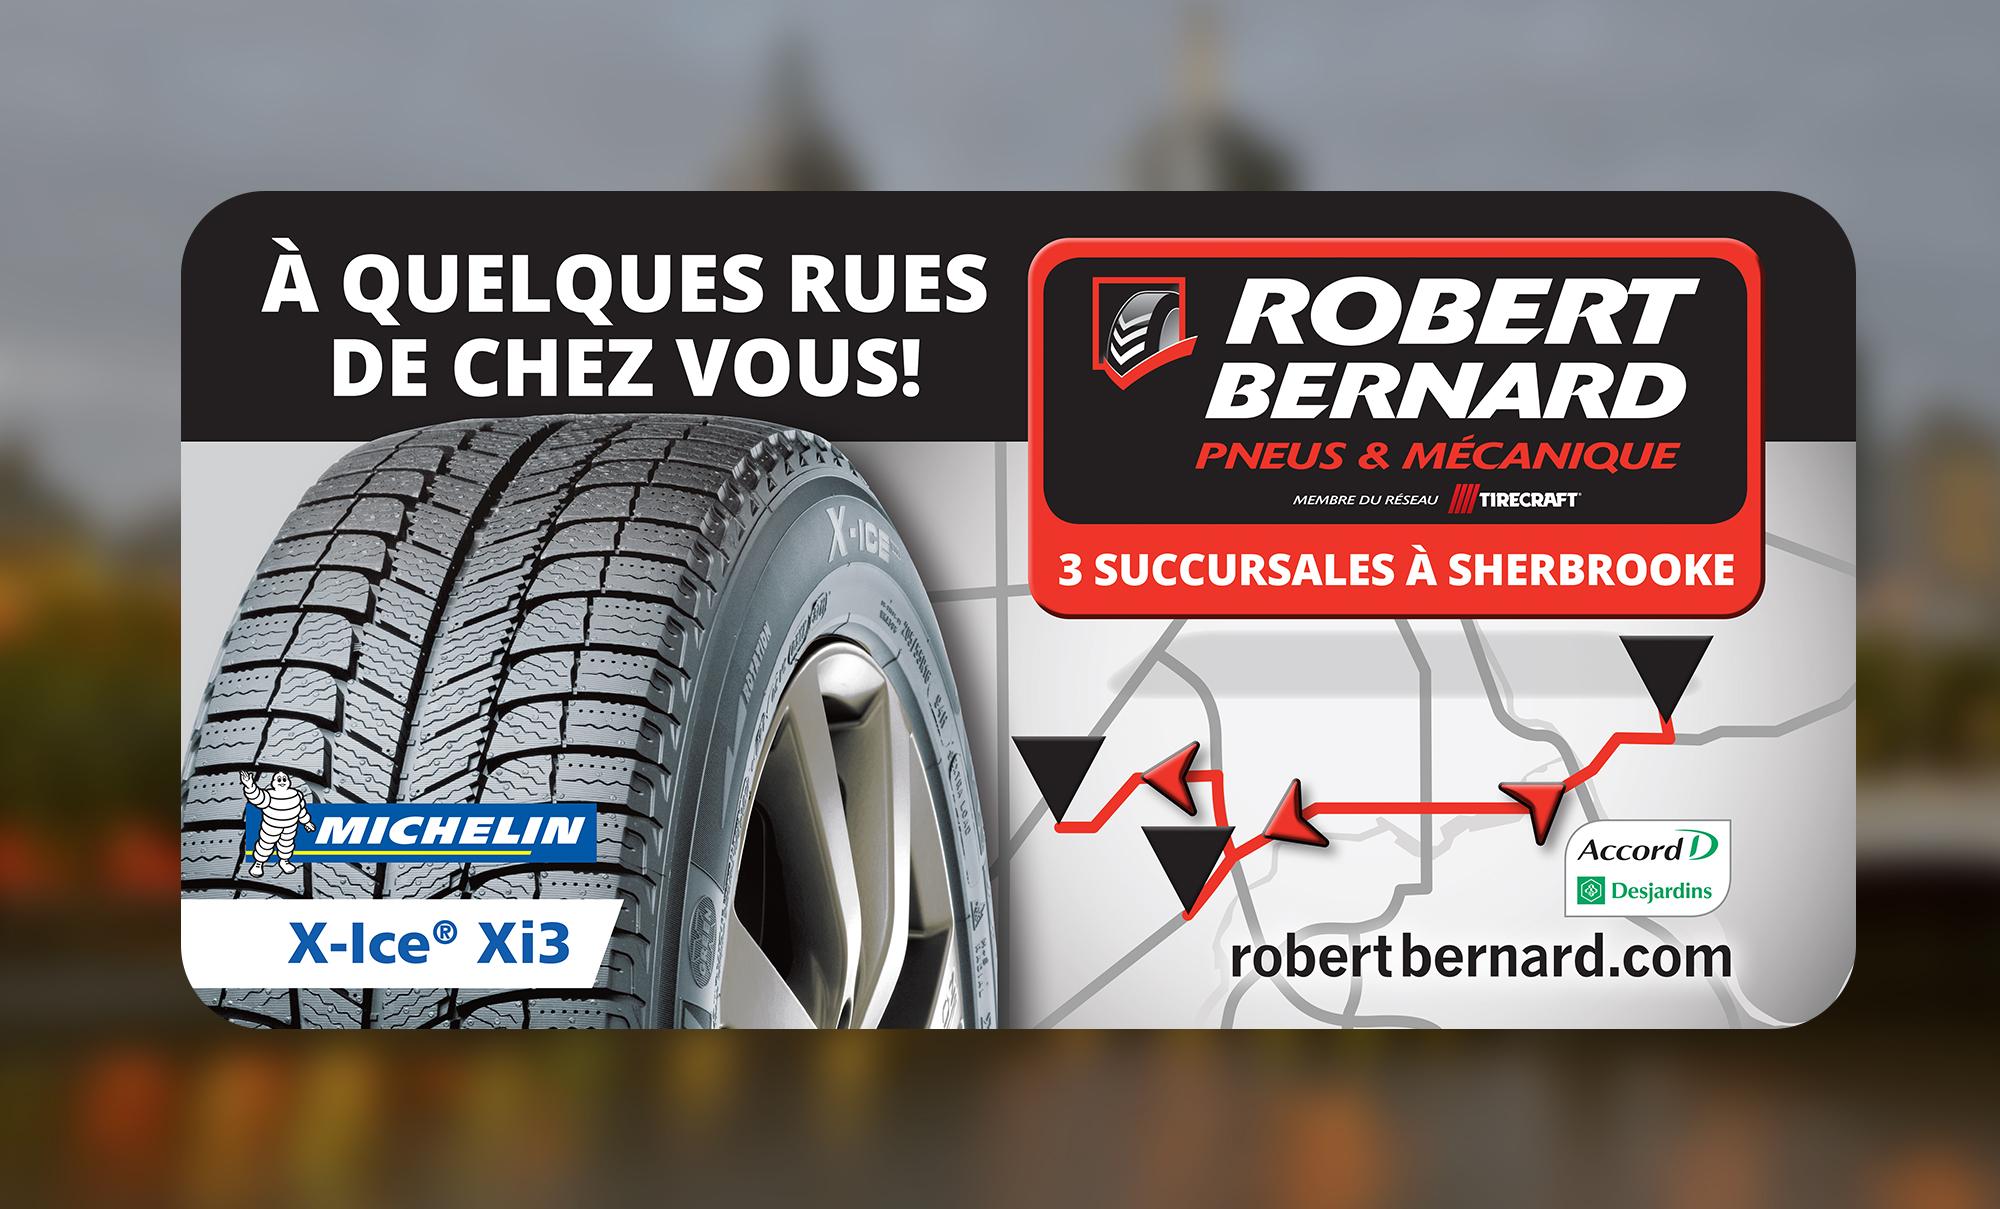 Pneu Robert Bernard >> Robert Bernard Pneus Et Mecanique Idea Communications